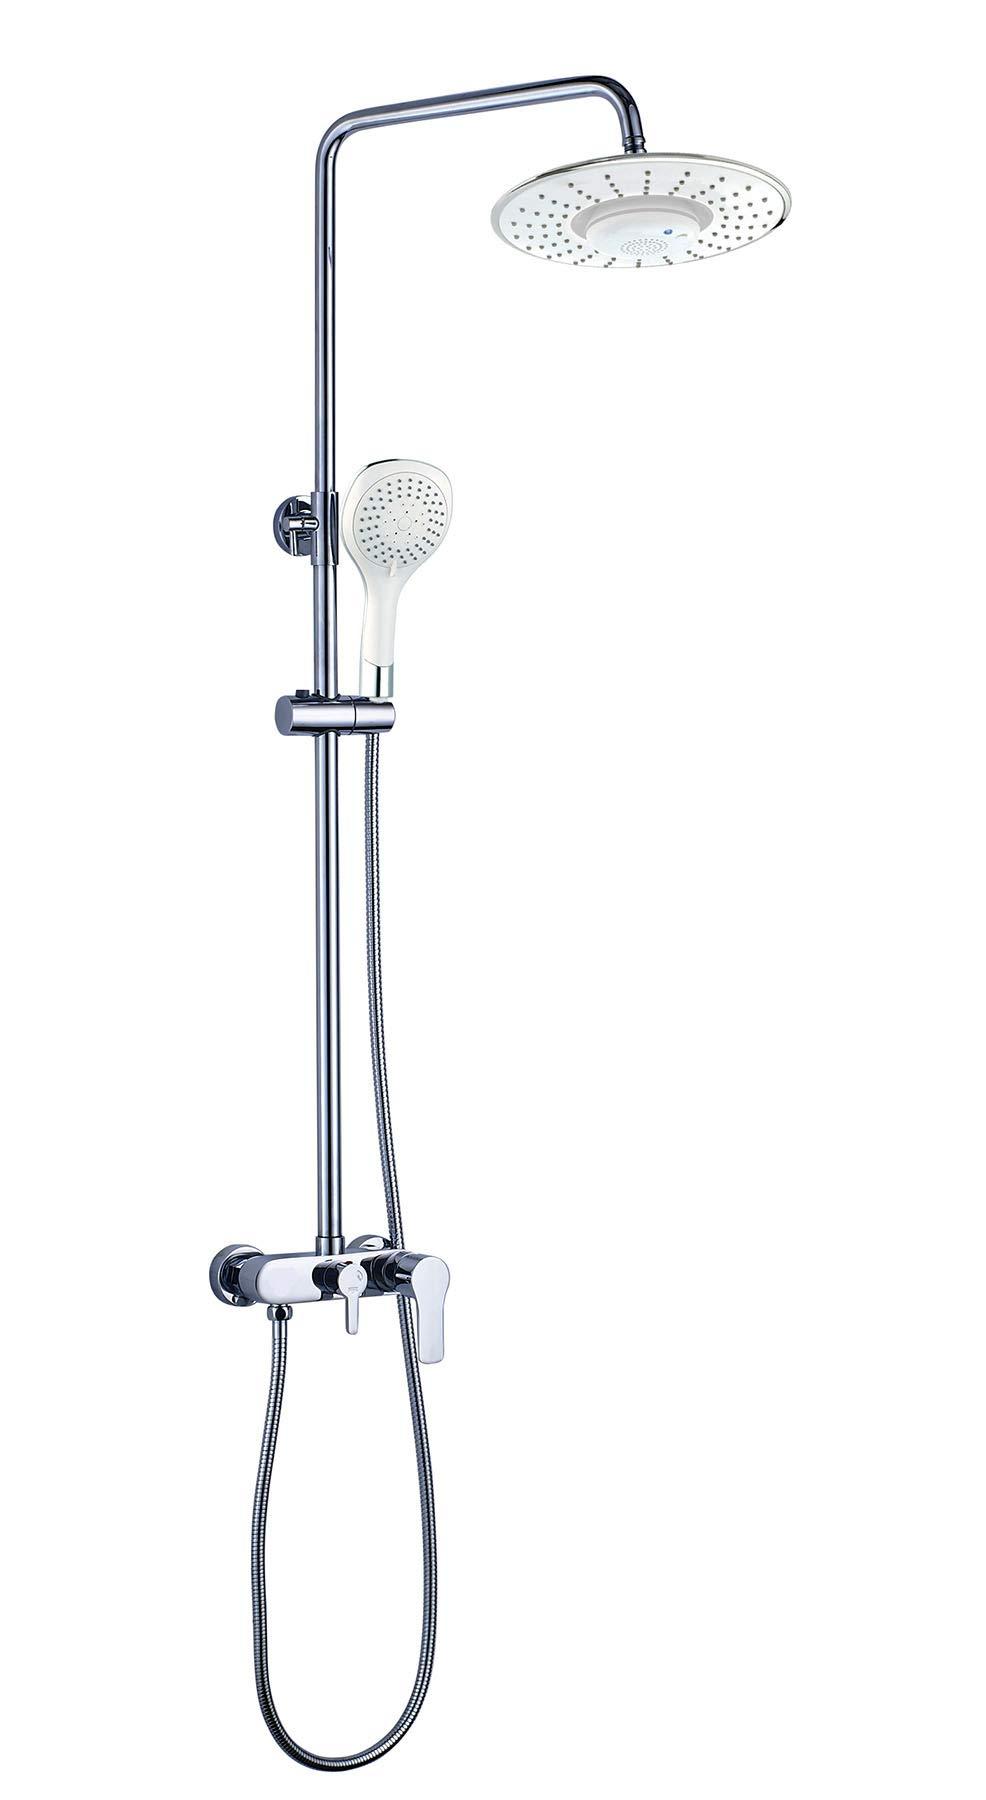 OXEN 122024 – Columna de ducha monomando (extra larga) color blanco